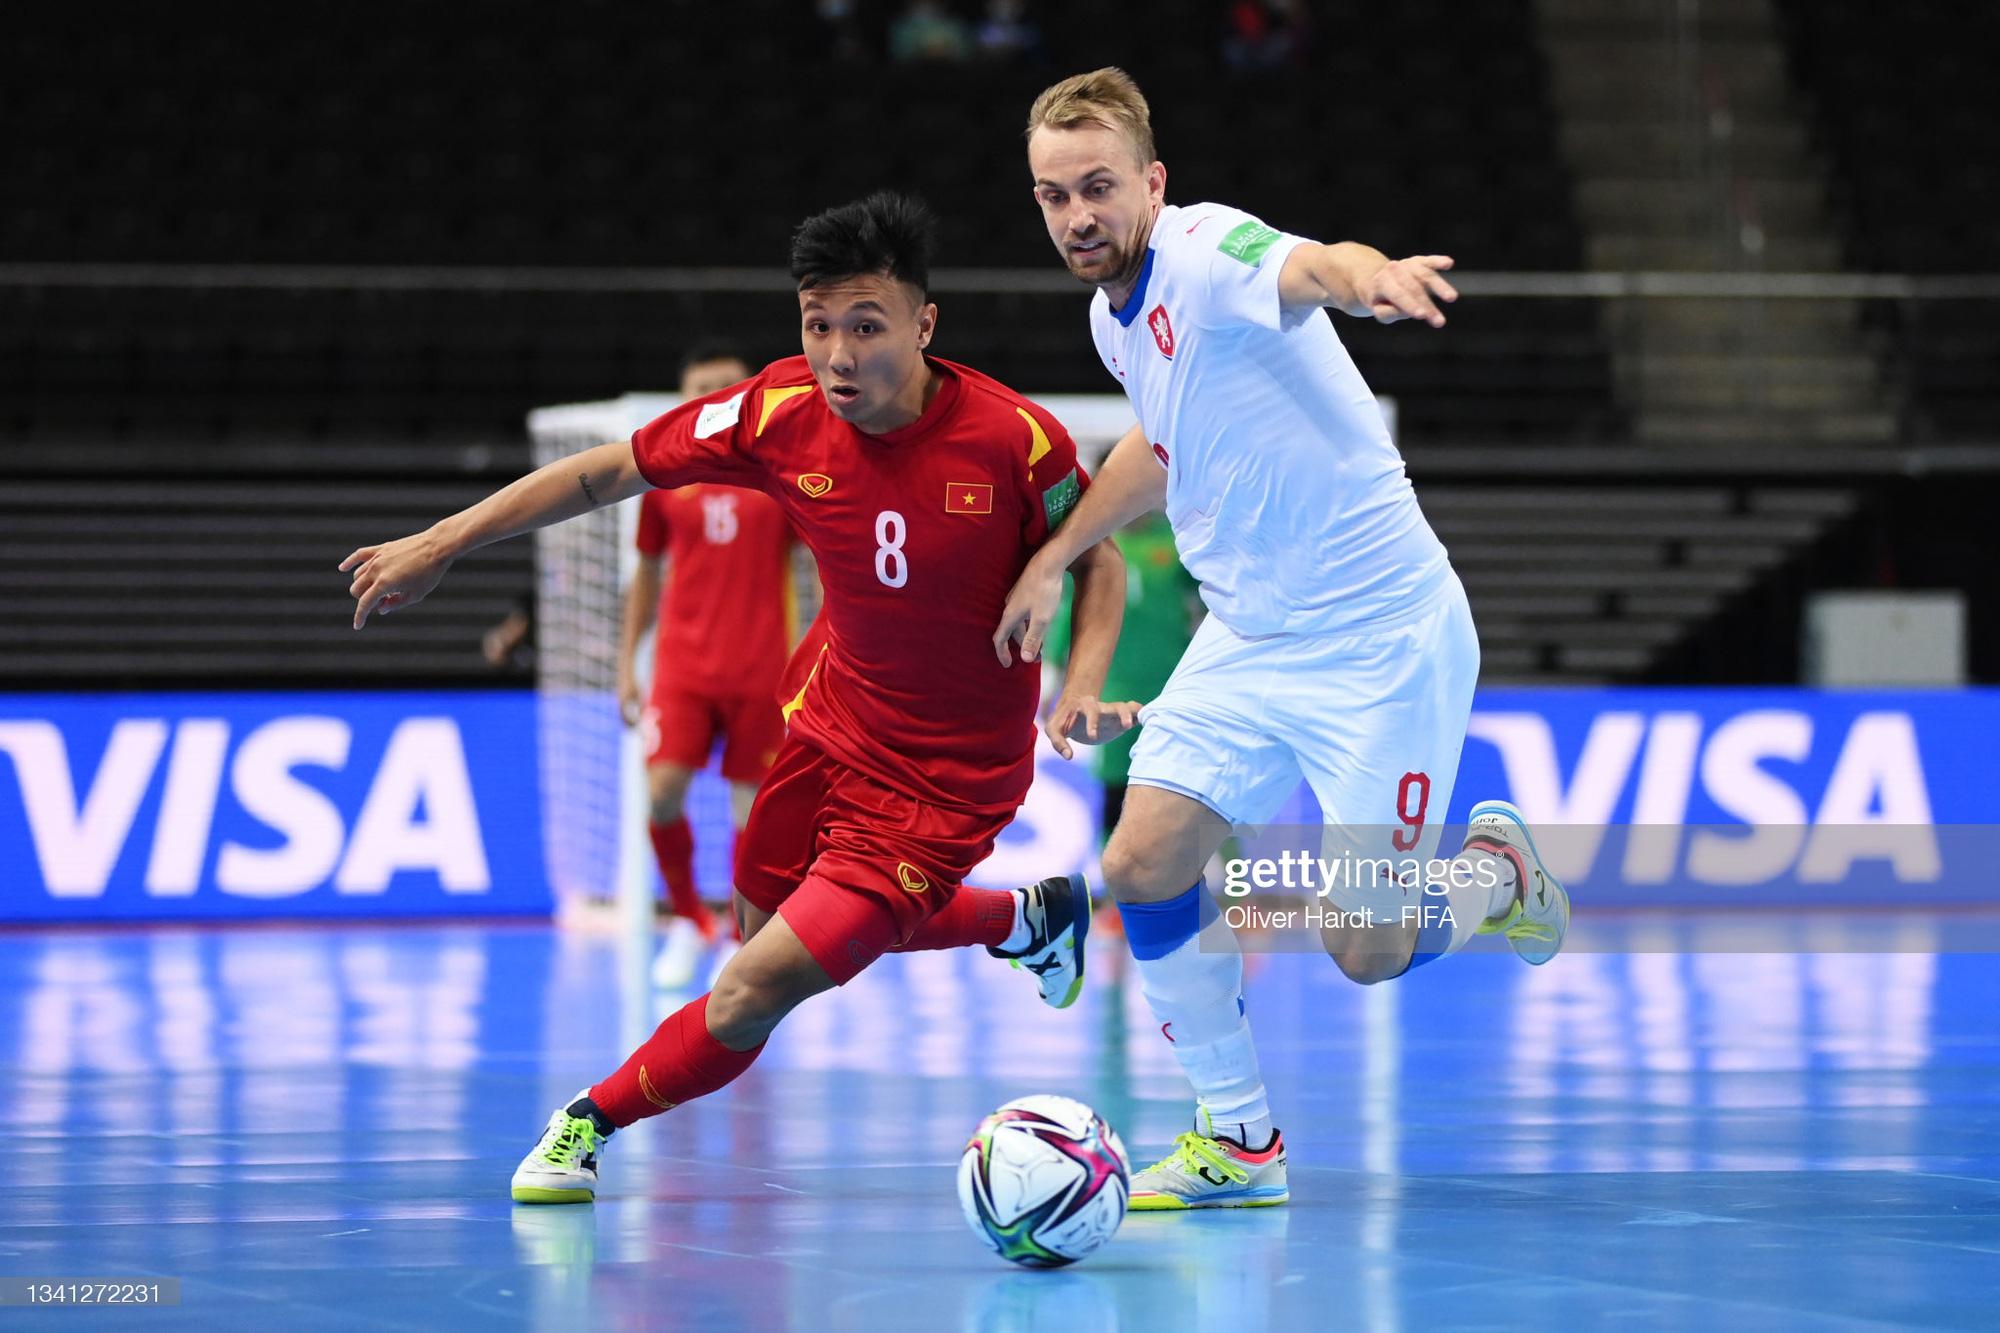 Vào đến vòng 16 đội World Cup 2021, các tuyển thủ futsal Việt Nam vẫn chỉ có lượt theo dõi khiêm tốn trên mạng xã hội - Ảnh 17.